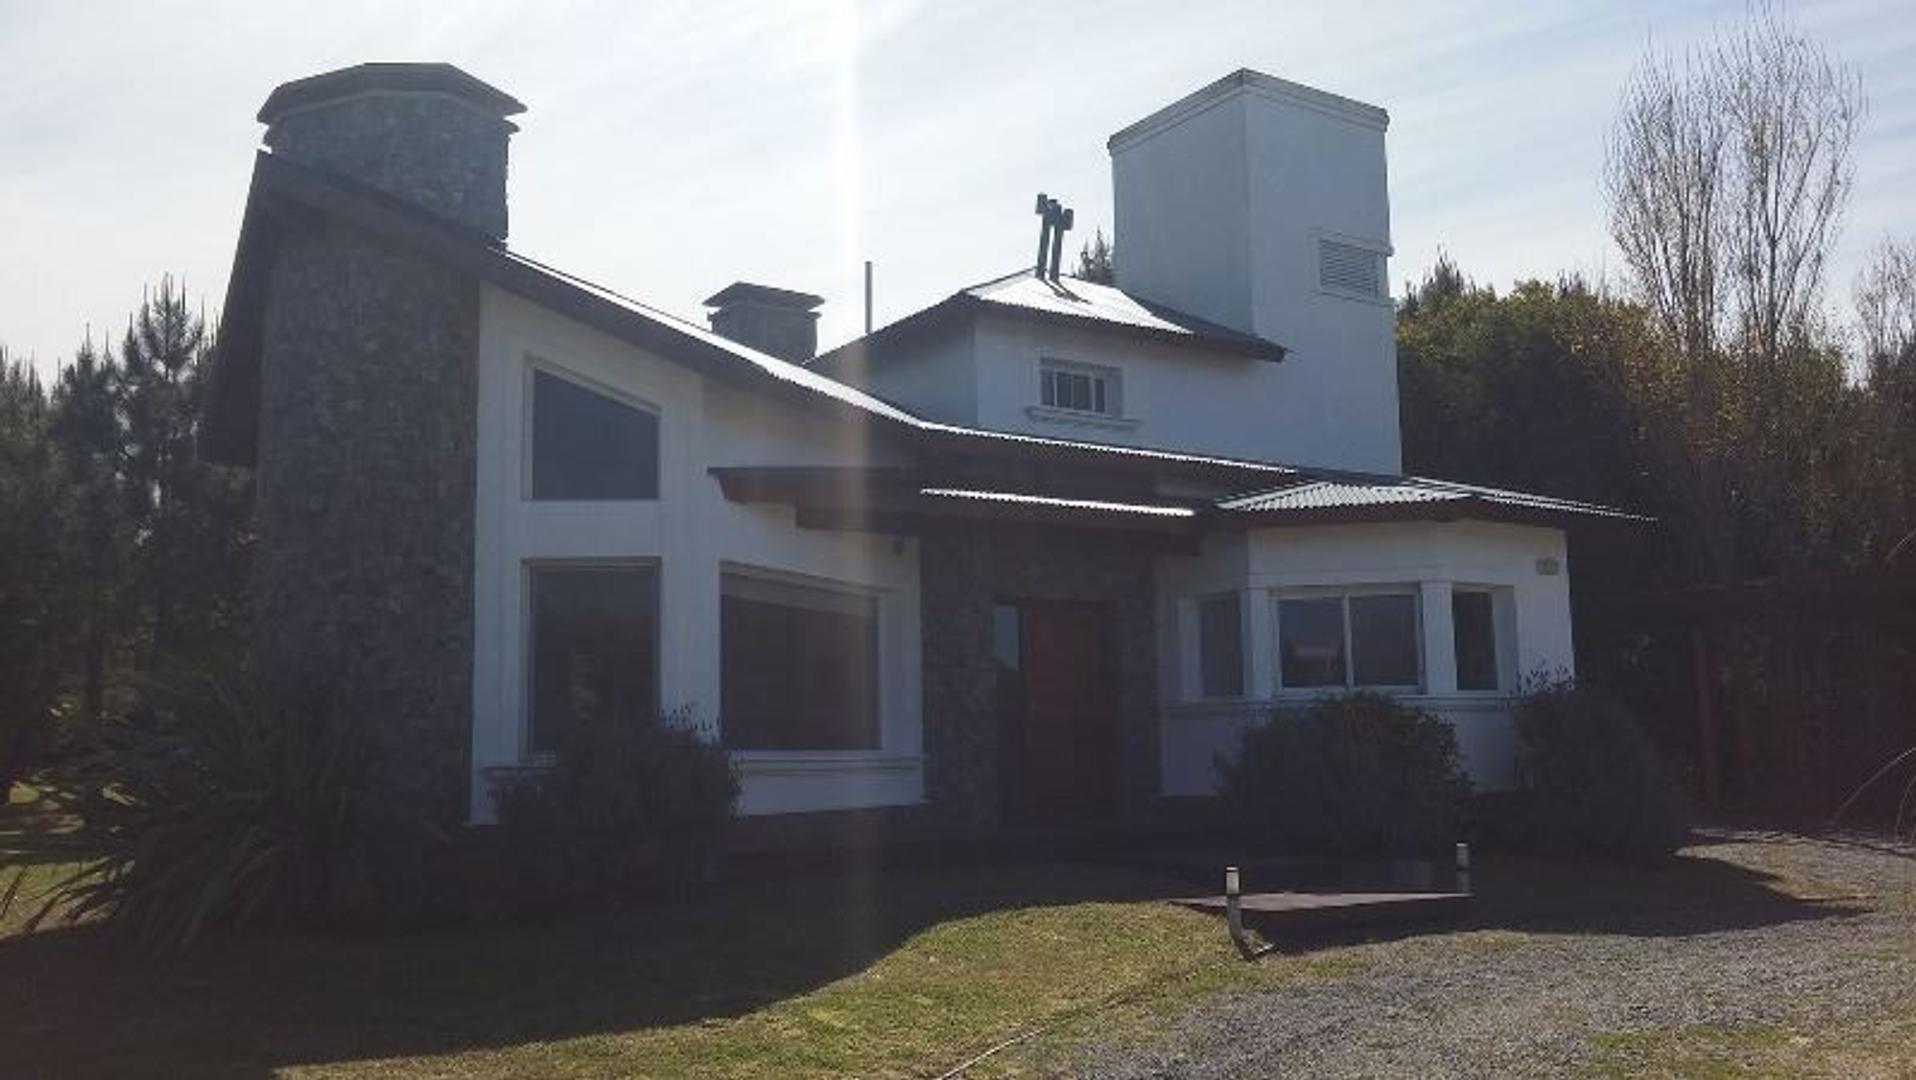 Casa en Venta en Costa Esmeralda - 5 ambientes